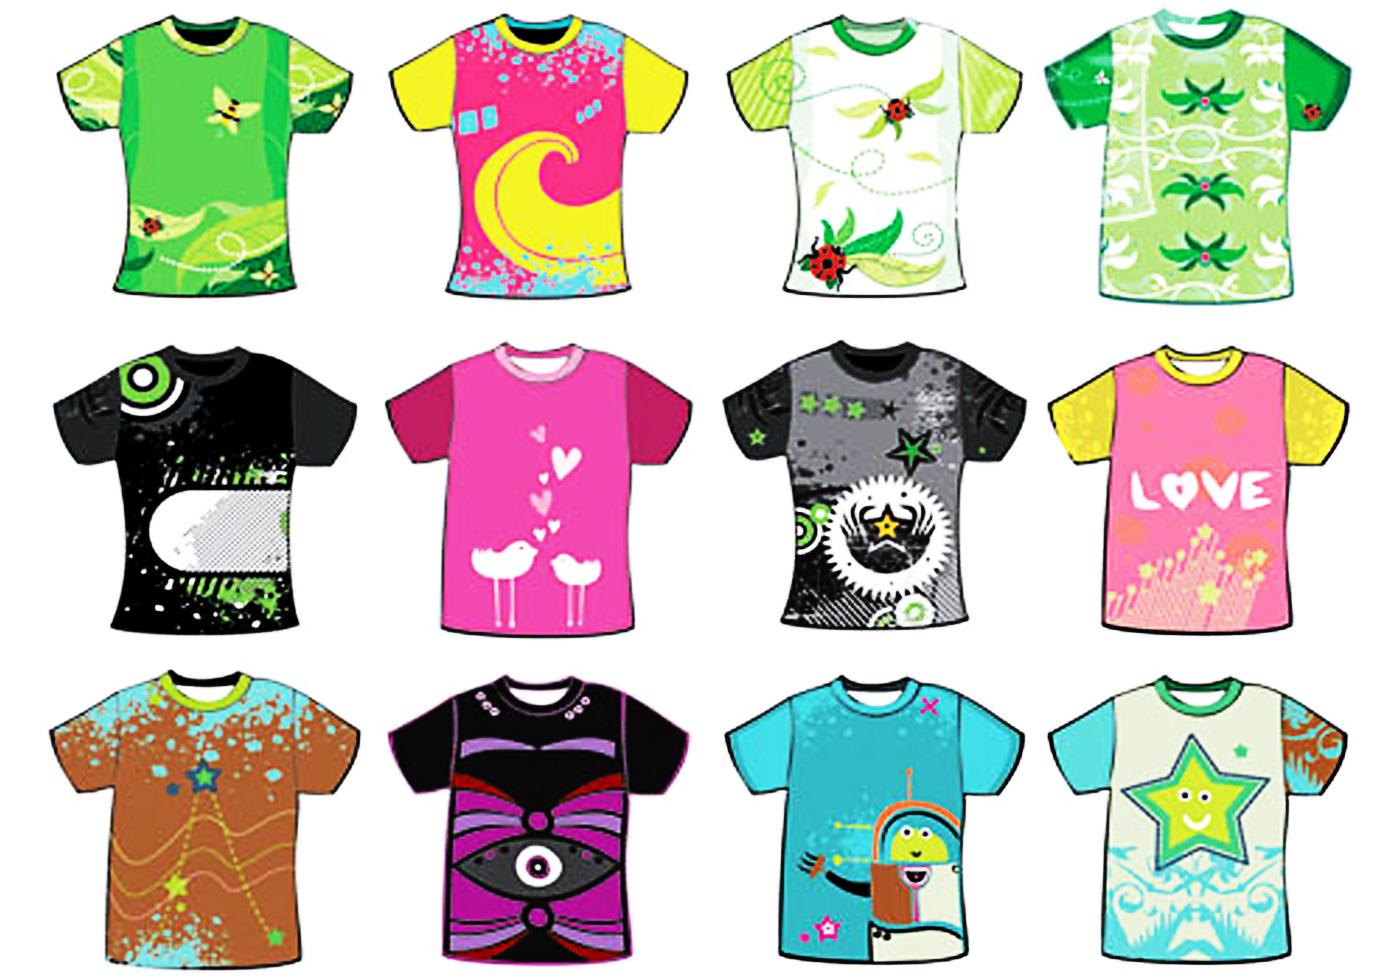 16 Cool T-shirt Brushes - Free Photoshop Brushes at Brusheezy!